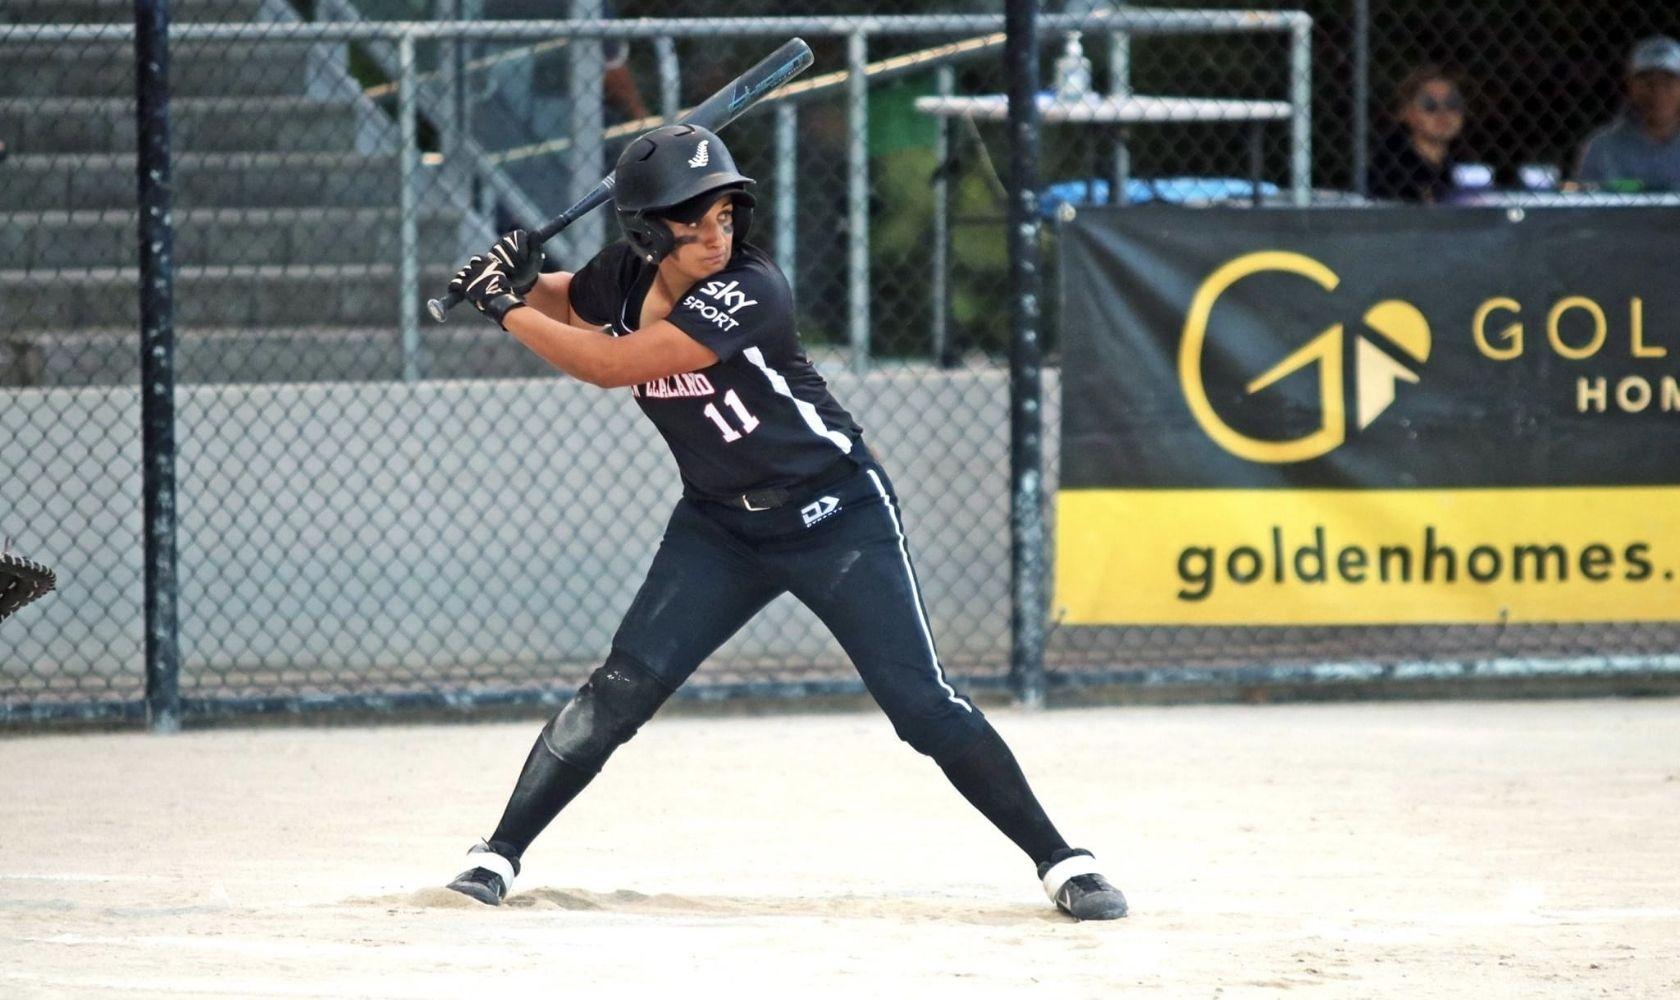 BIB Champion Lara Andrews